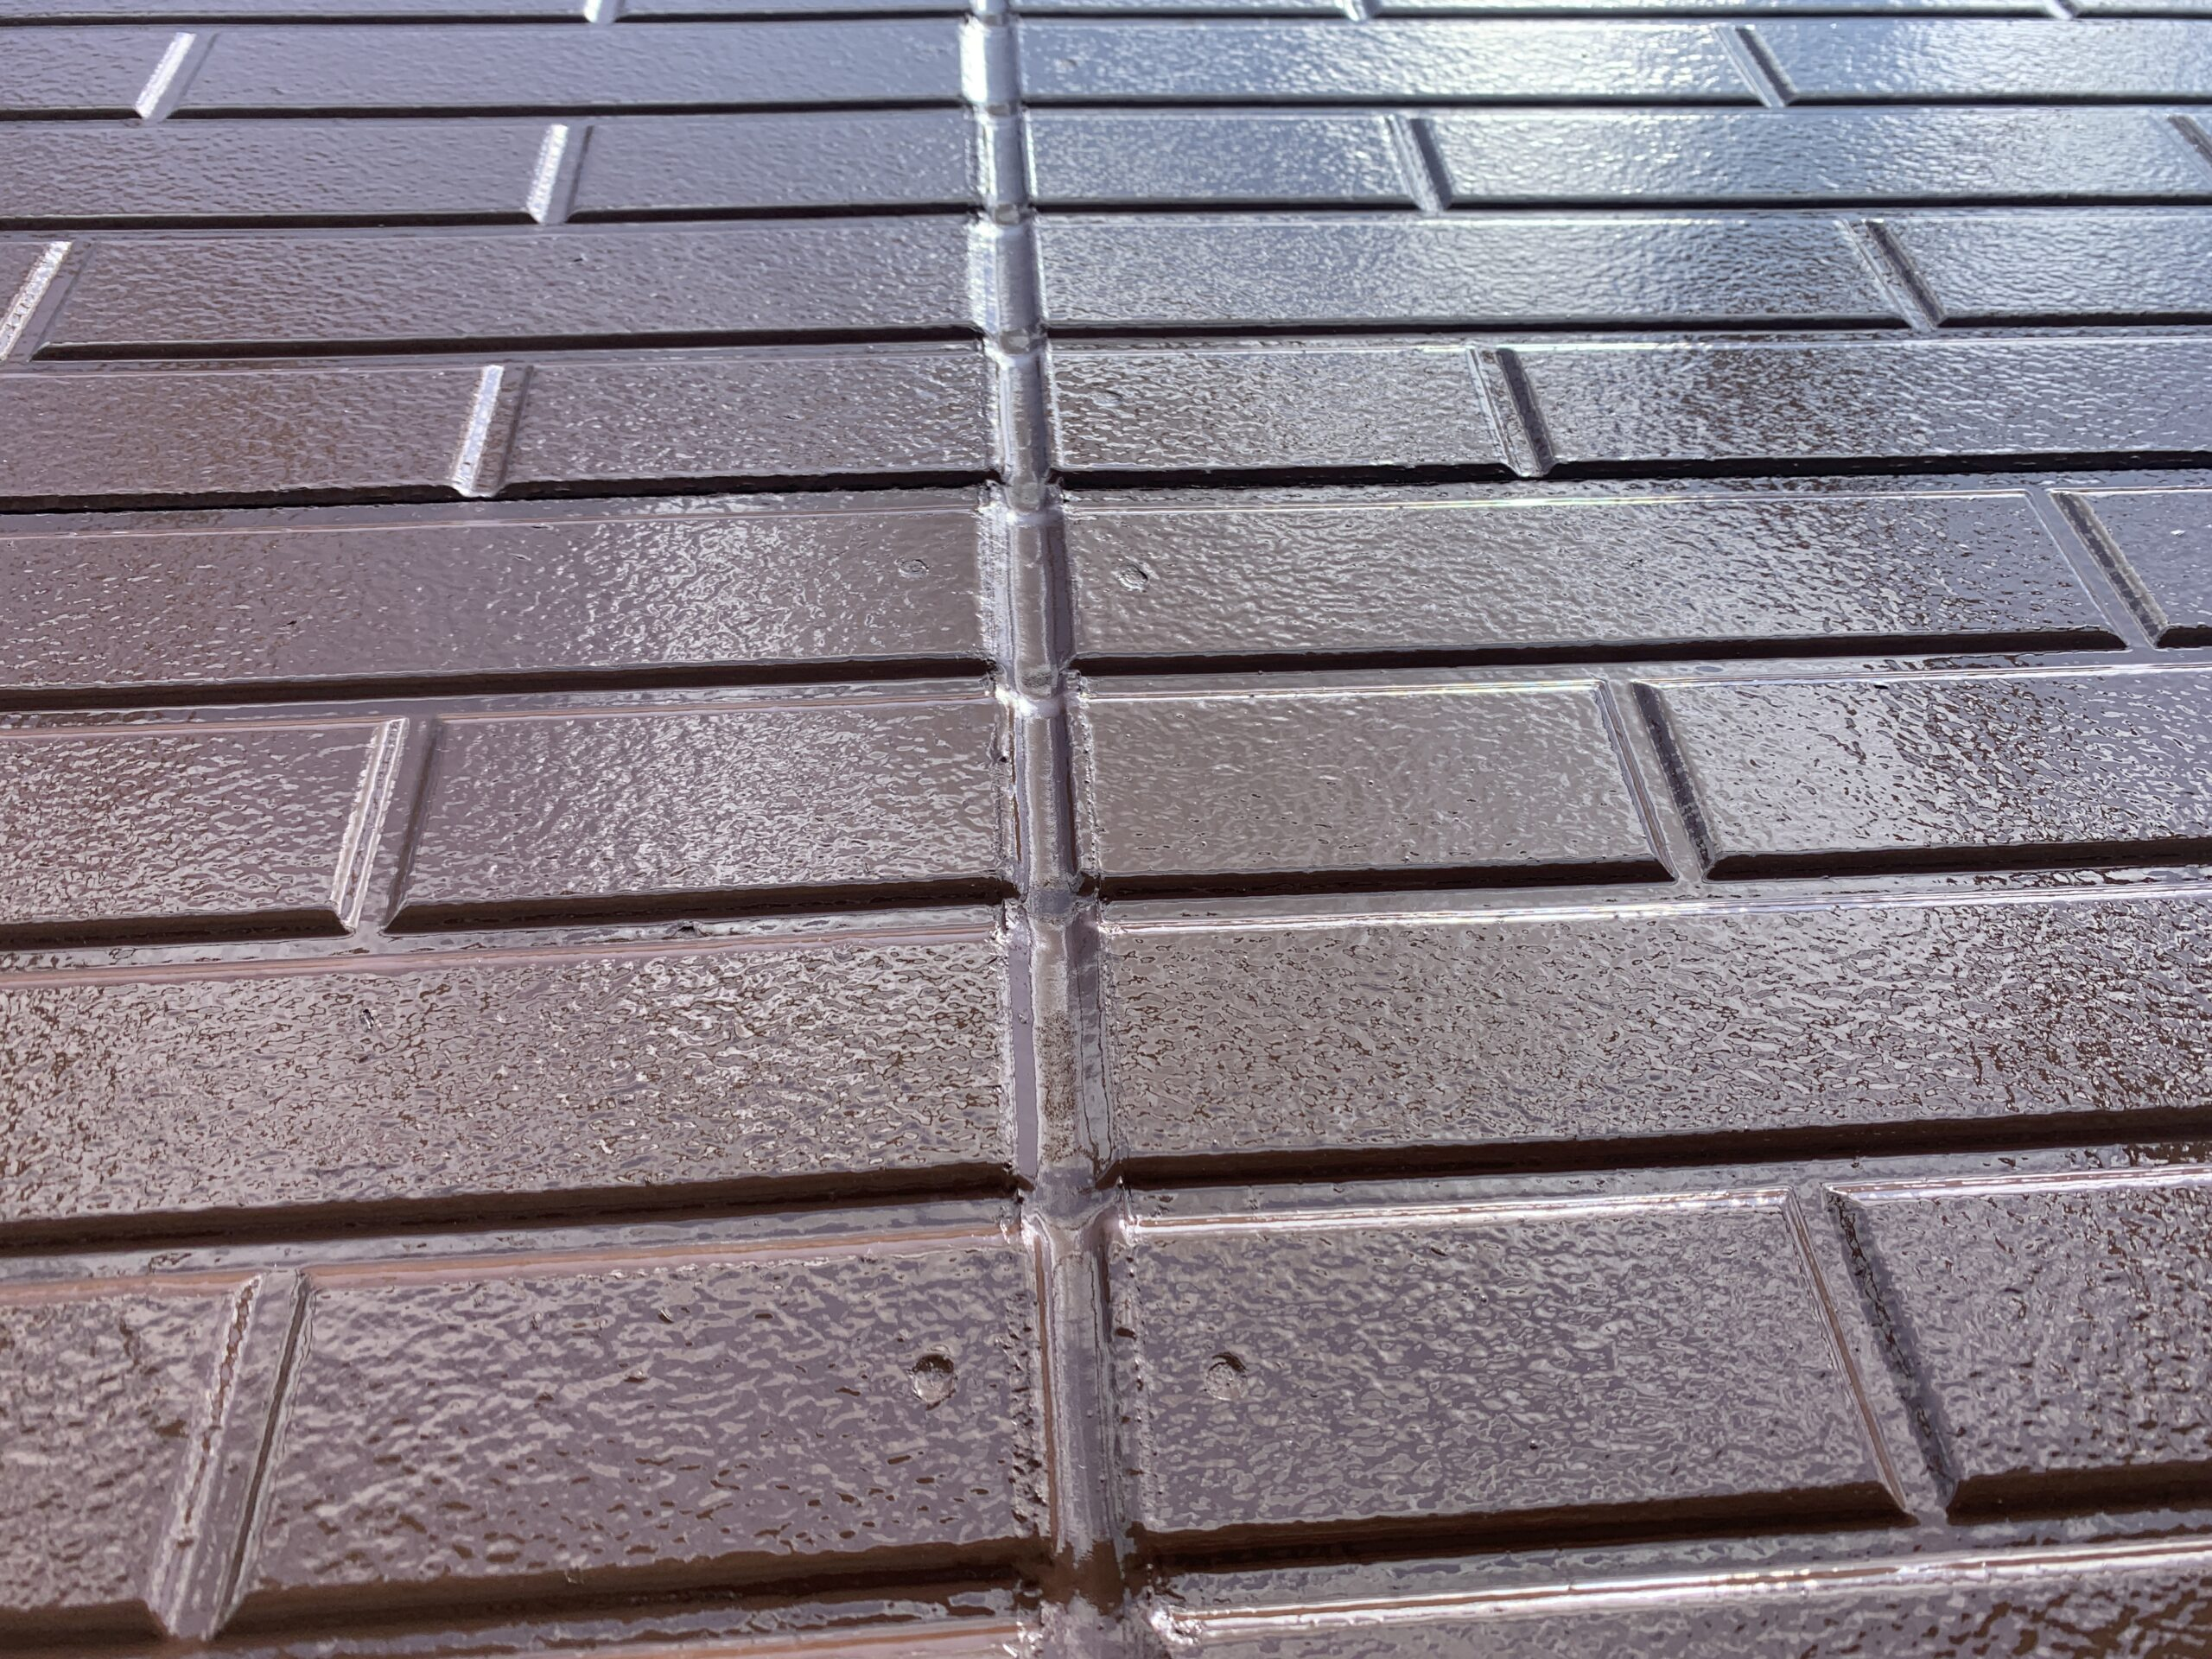 佐賀市 塗るばい サニケン さにけん 外壁塗装 屋根塗装 塗装 サニー建設商事